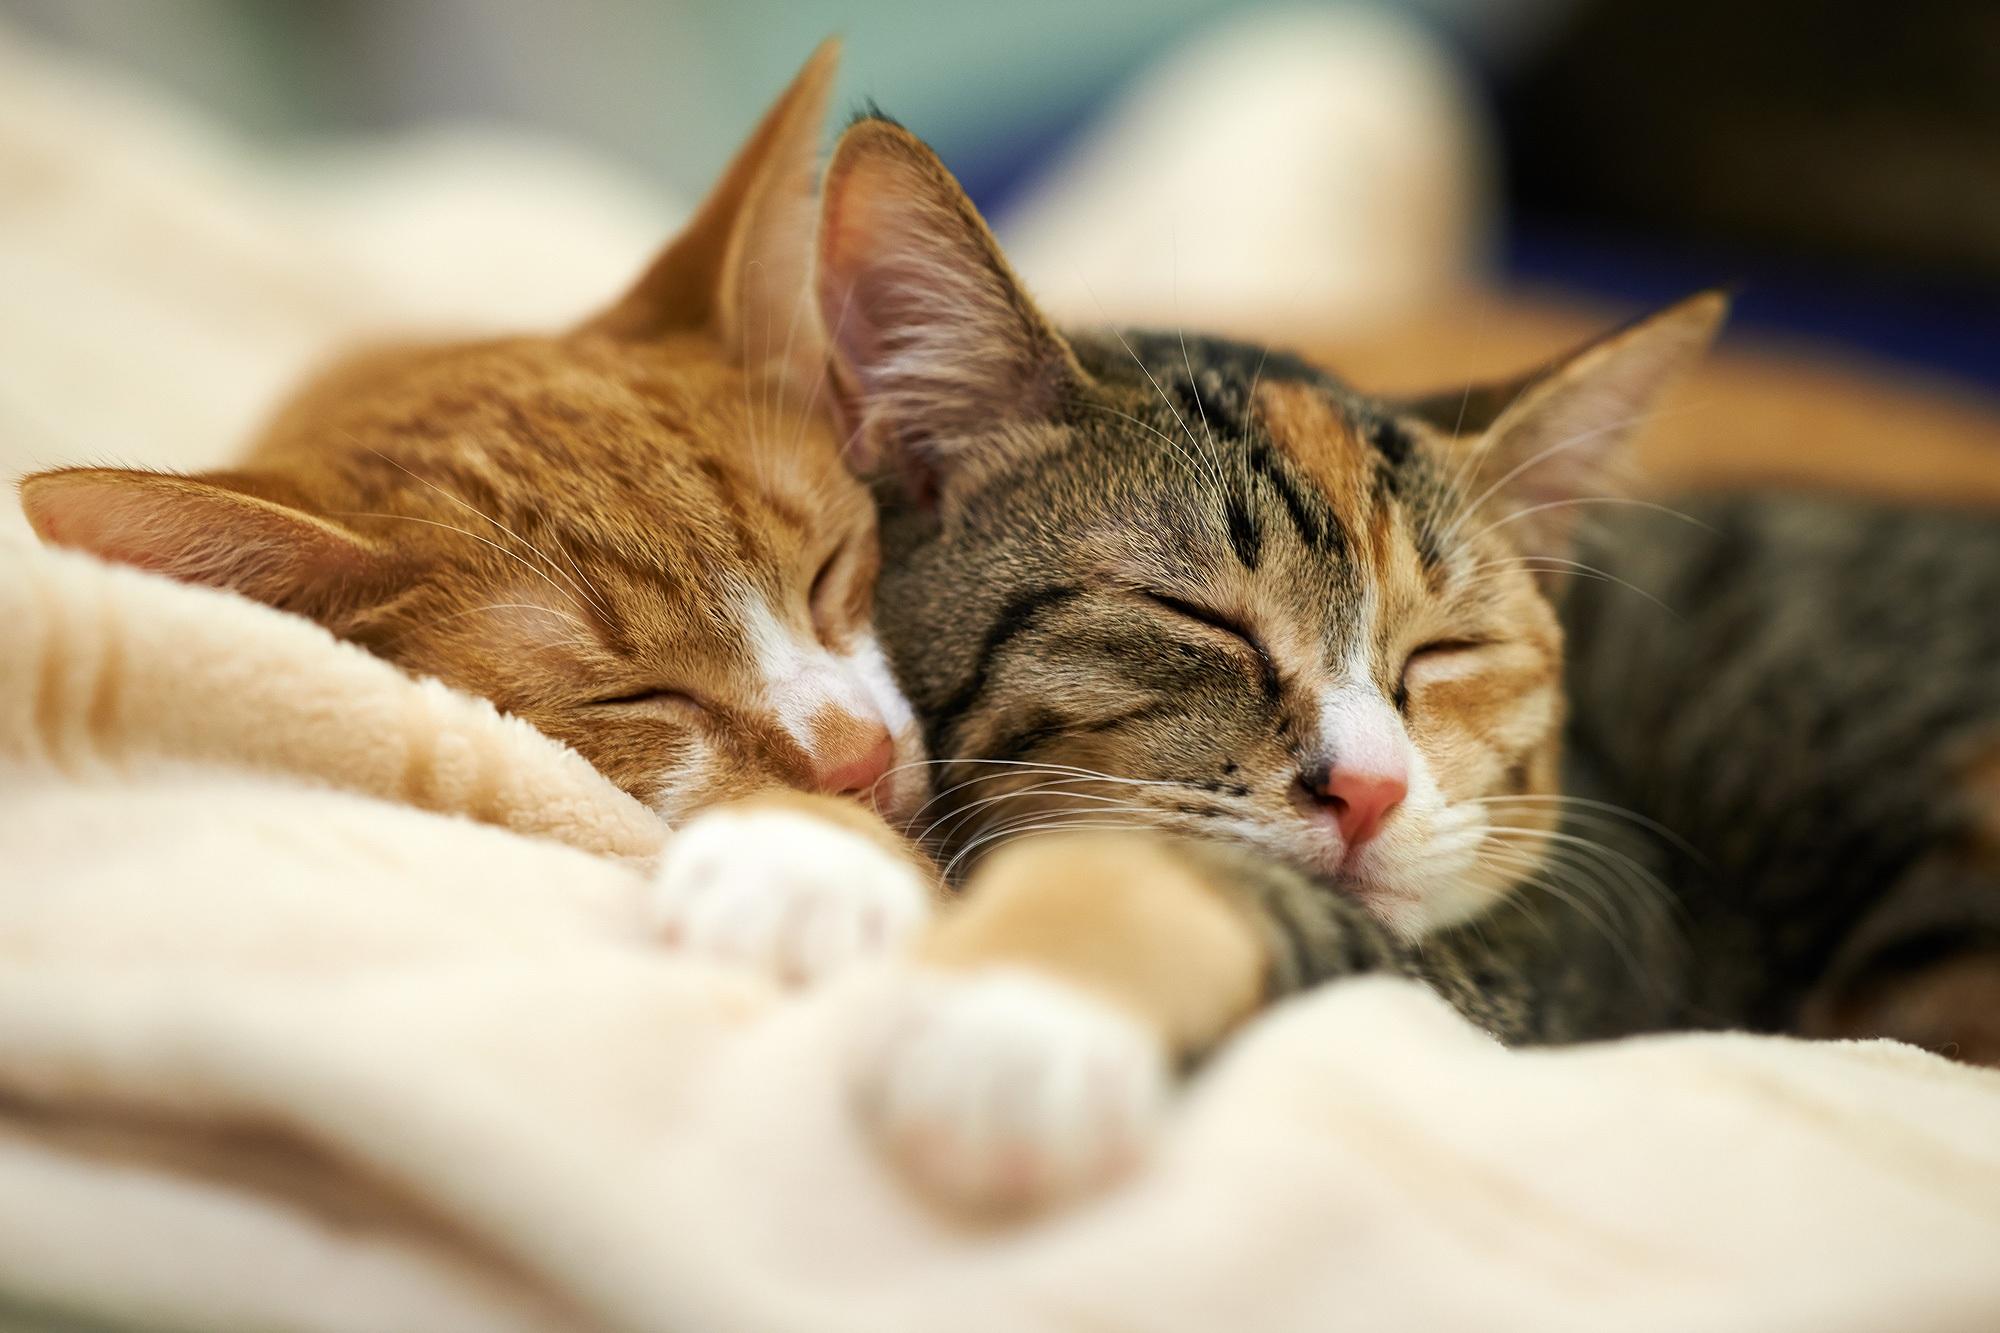 adaptive inactivity theory of sleep